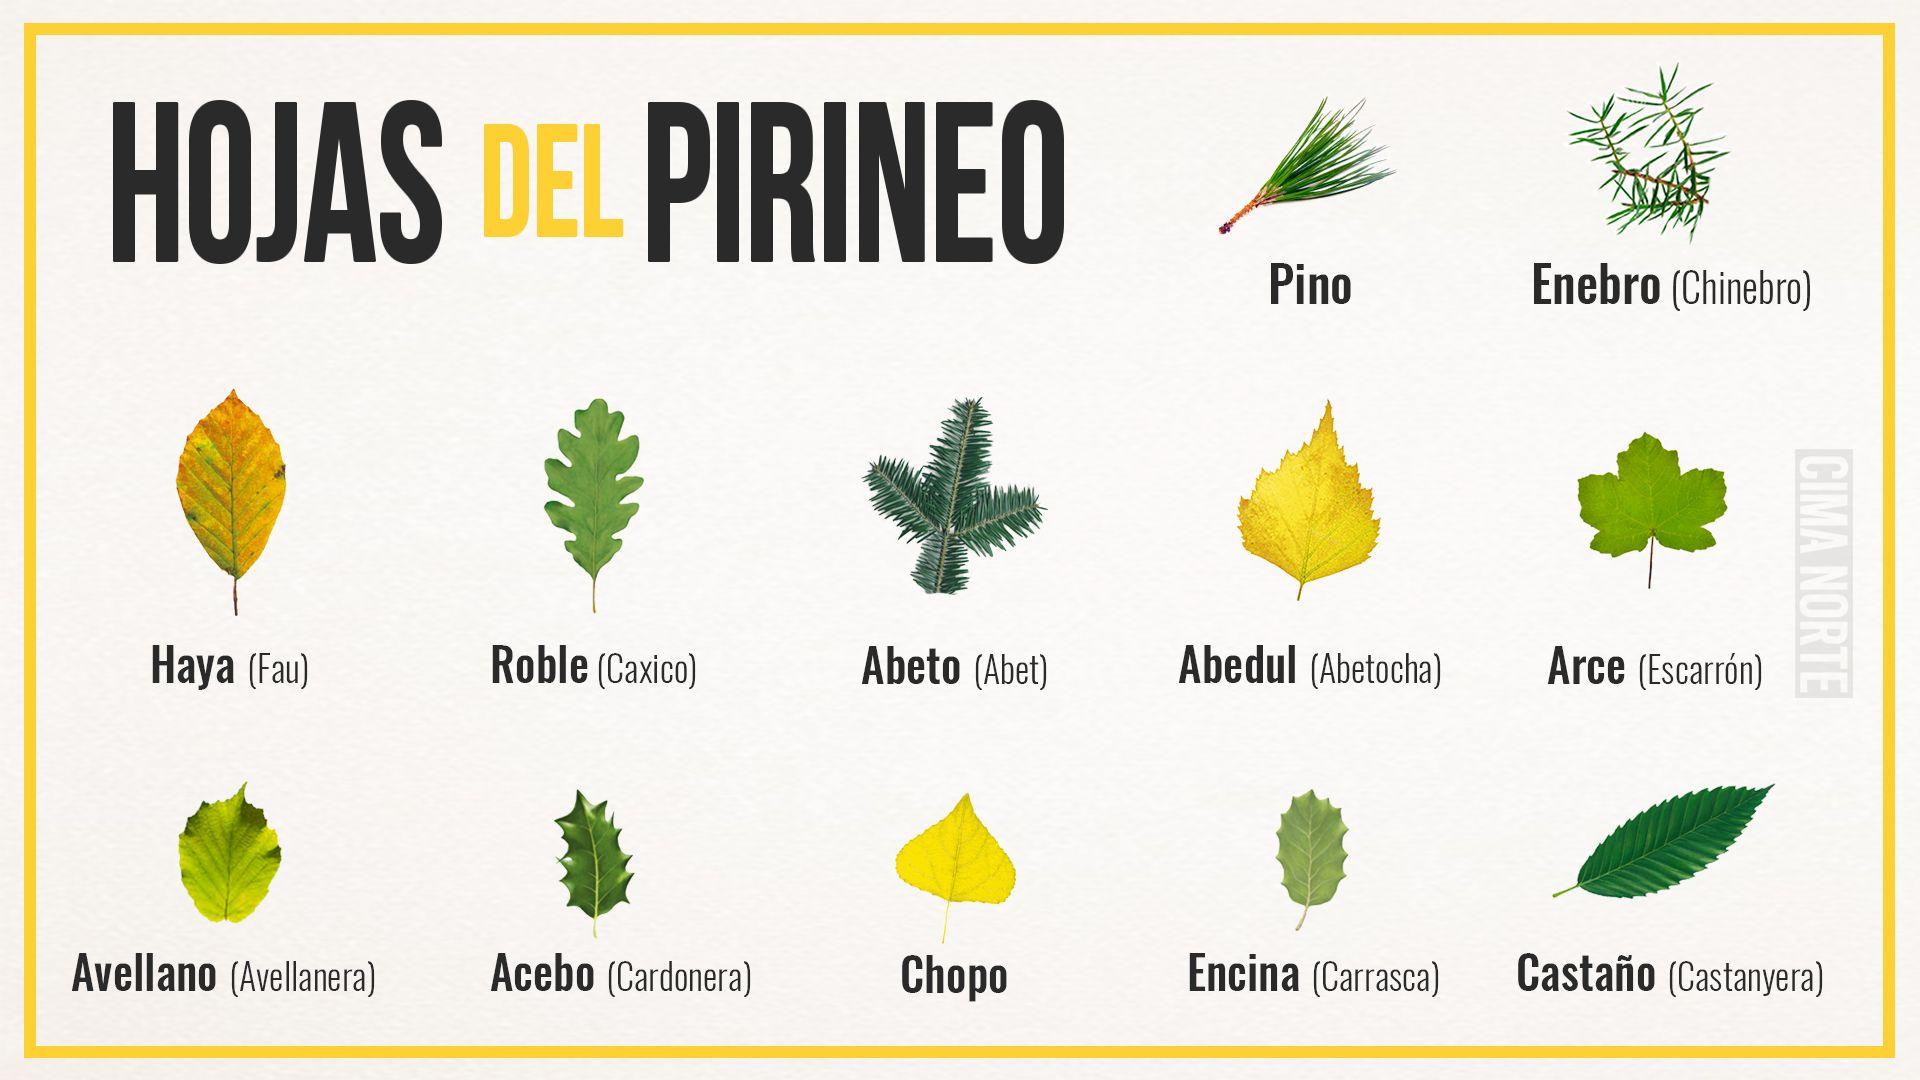 Tipos De Hojas De Los Arboles Del Pirineo Cima Norte Guia Del Pirineo - Hojas-de-arboles